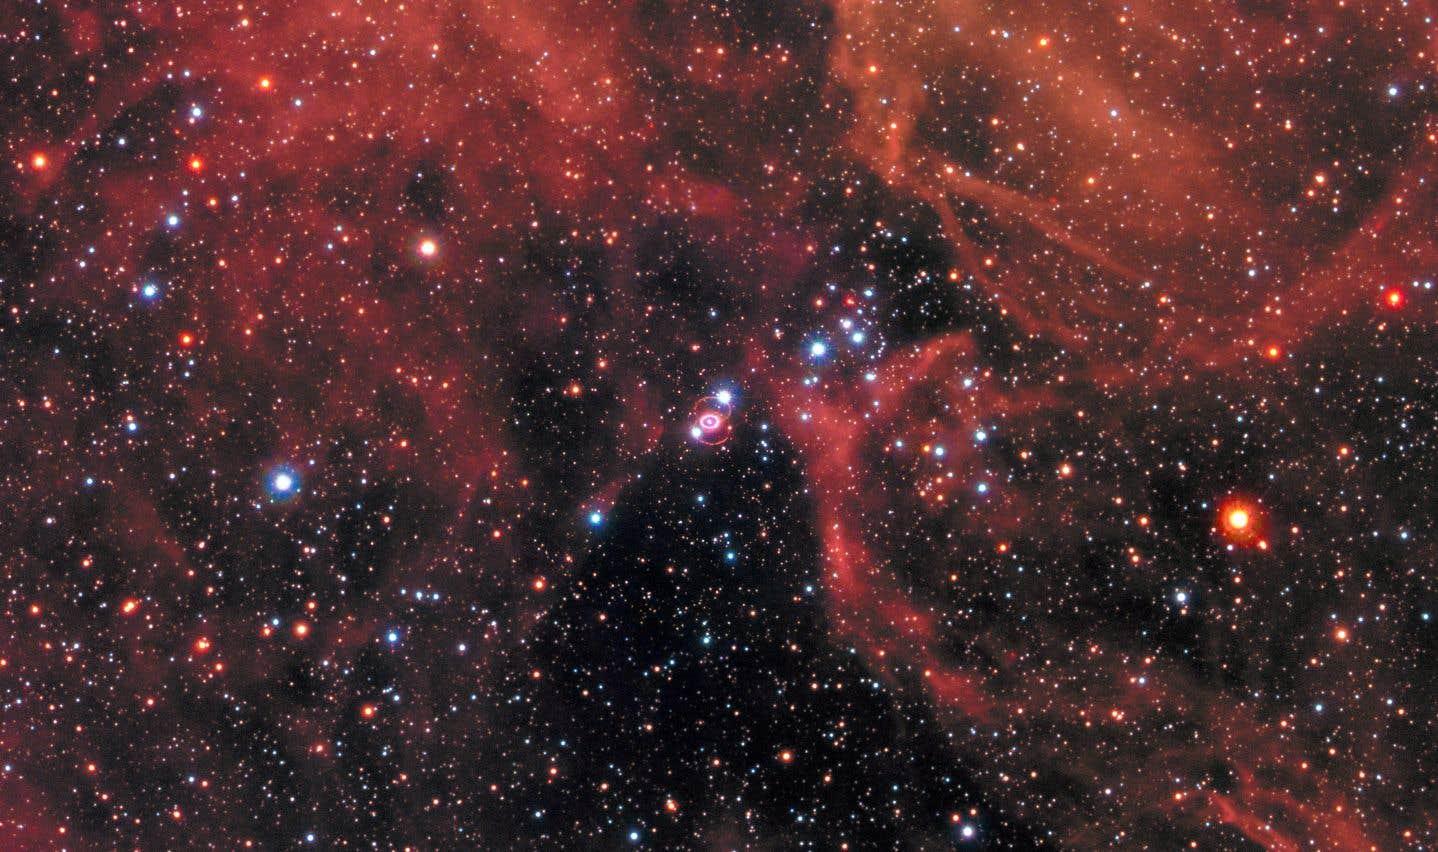 Une image des restes d'une autresupernova, SN 1987A, prise par le télescope spatial Hubble en janvier 2017.